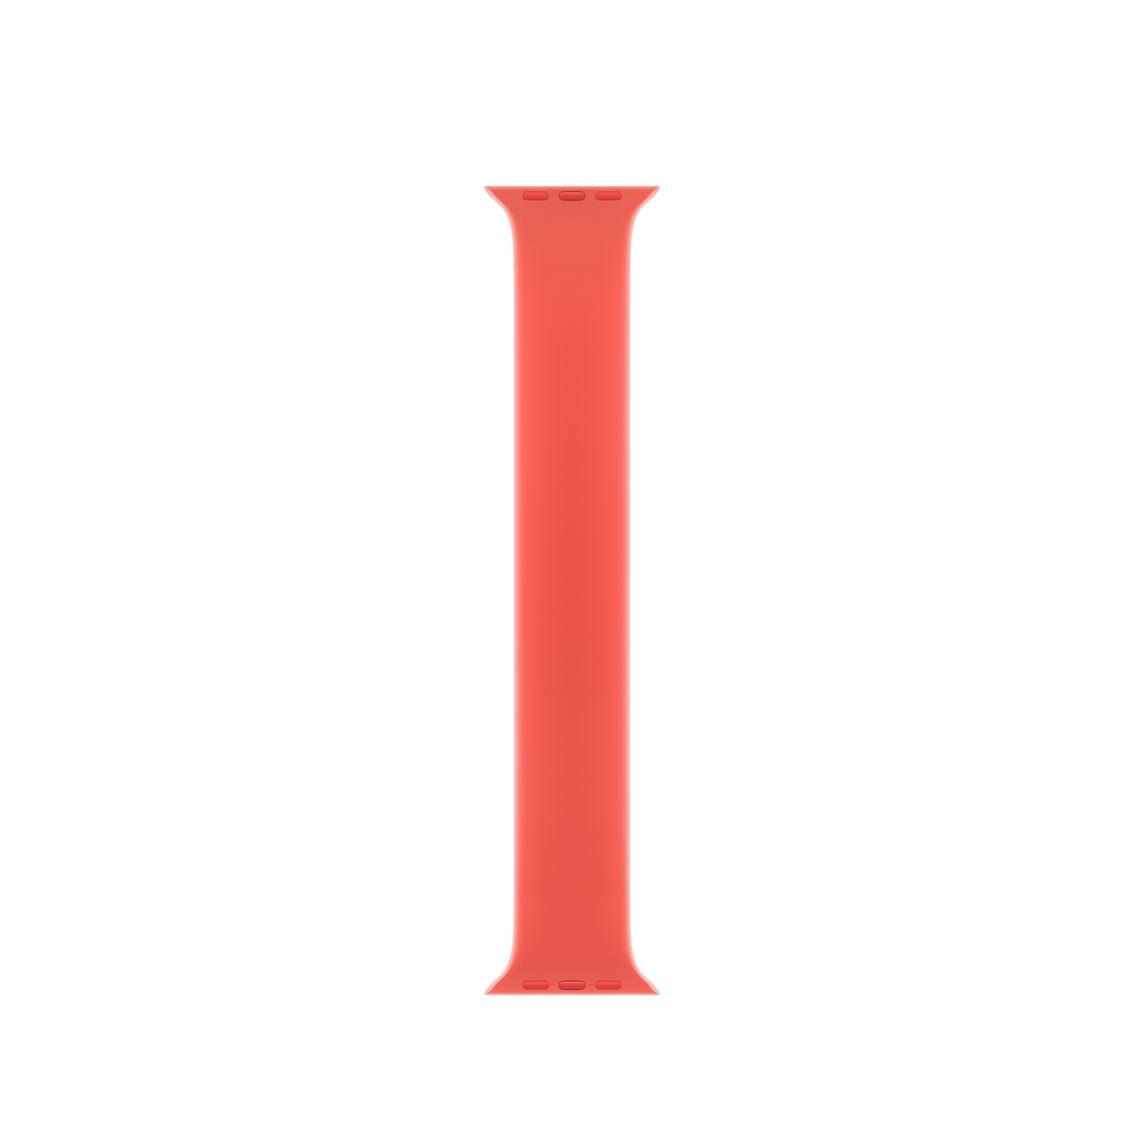 インライン - 1